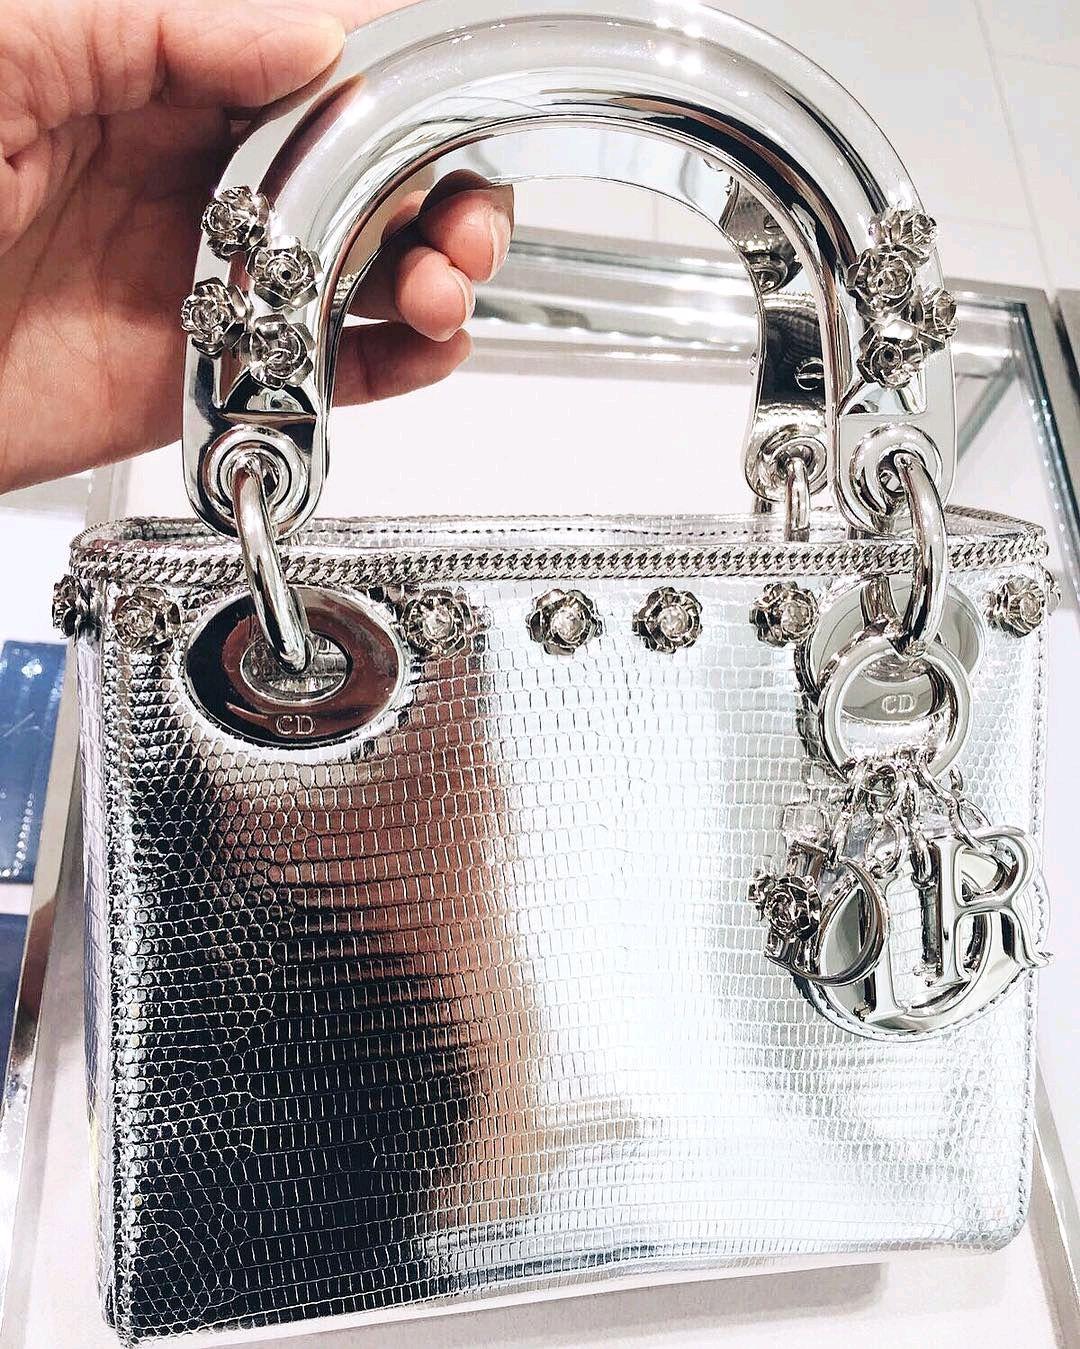 c77cb2ea7 Christian Dior Lady Dior mini bag silver metallic | accessories in ...